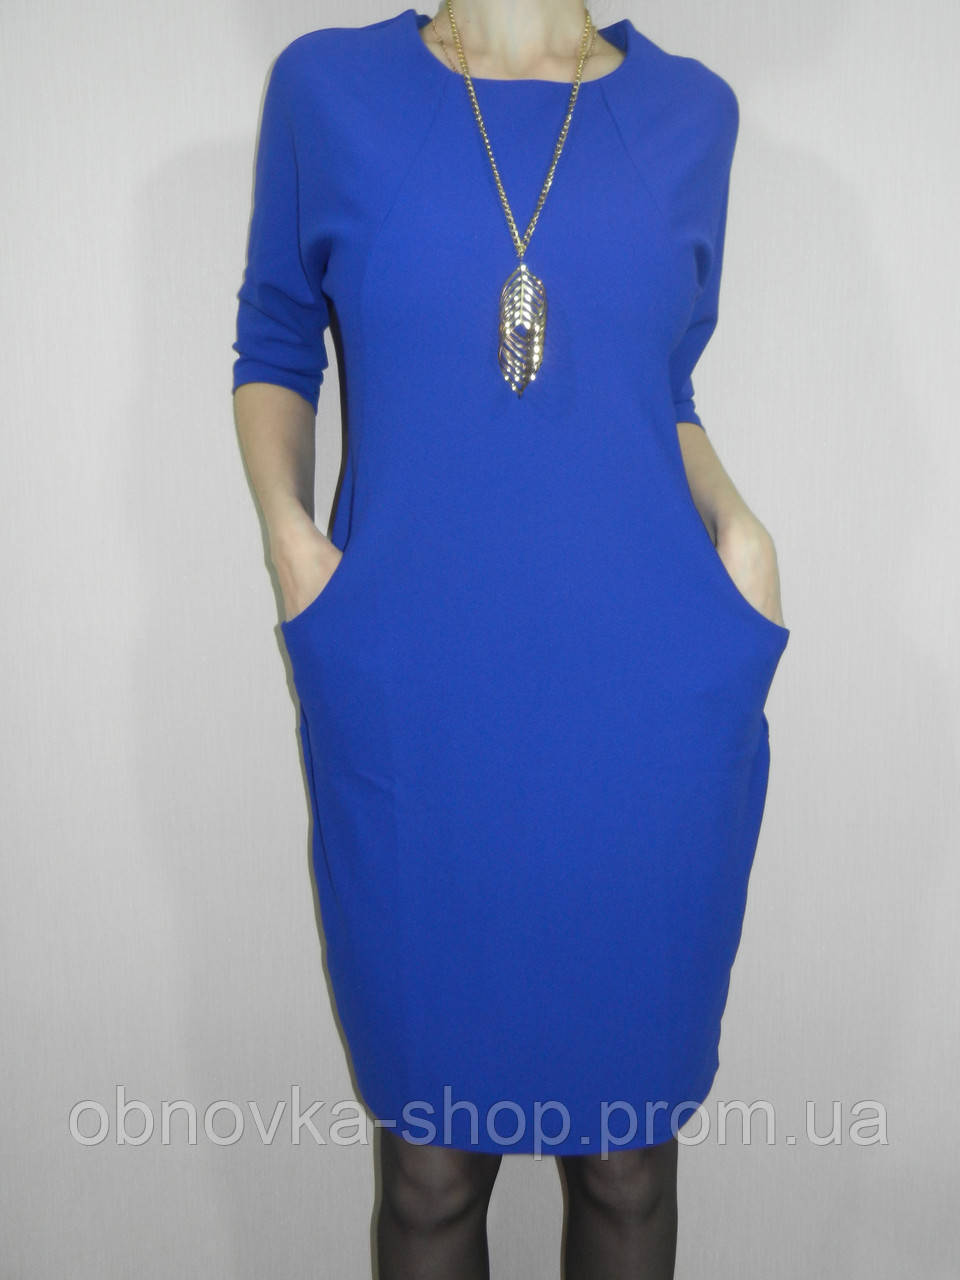 Магазин Женской Одежды Недорого